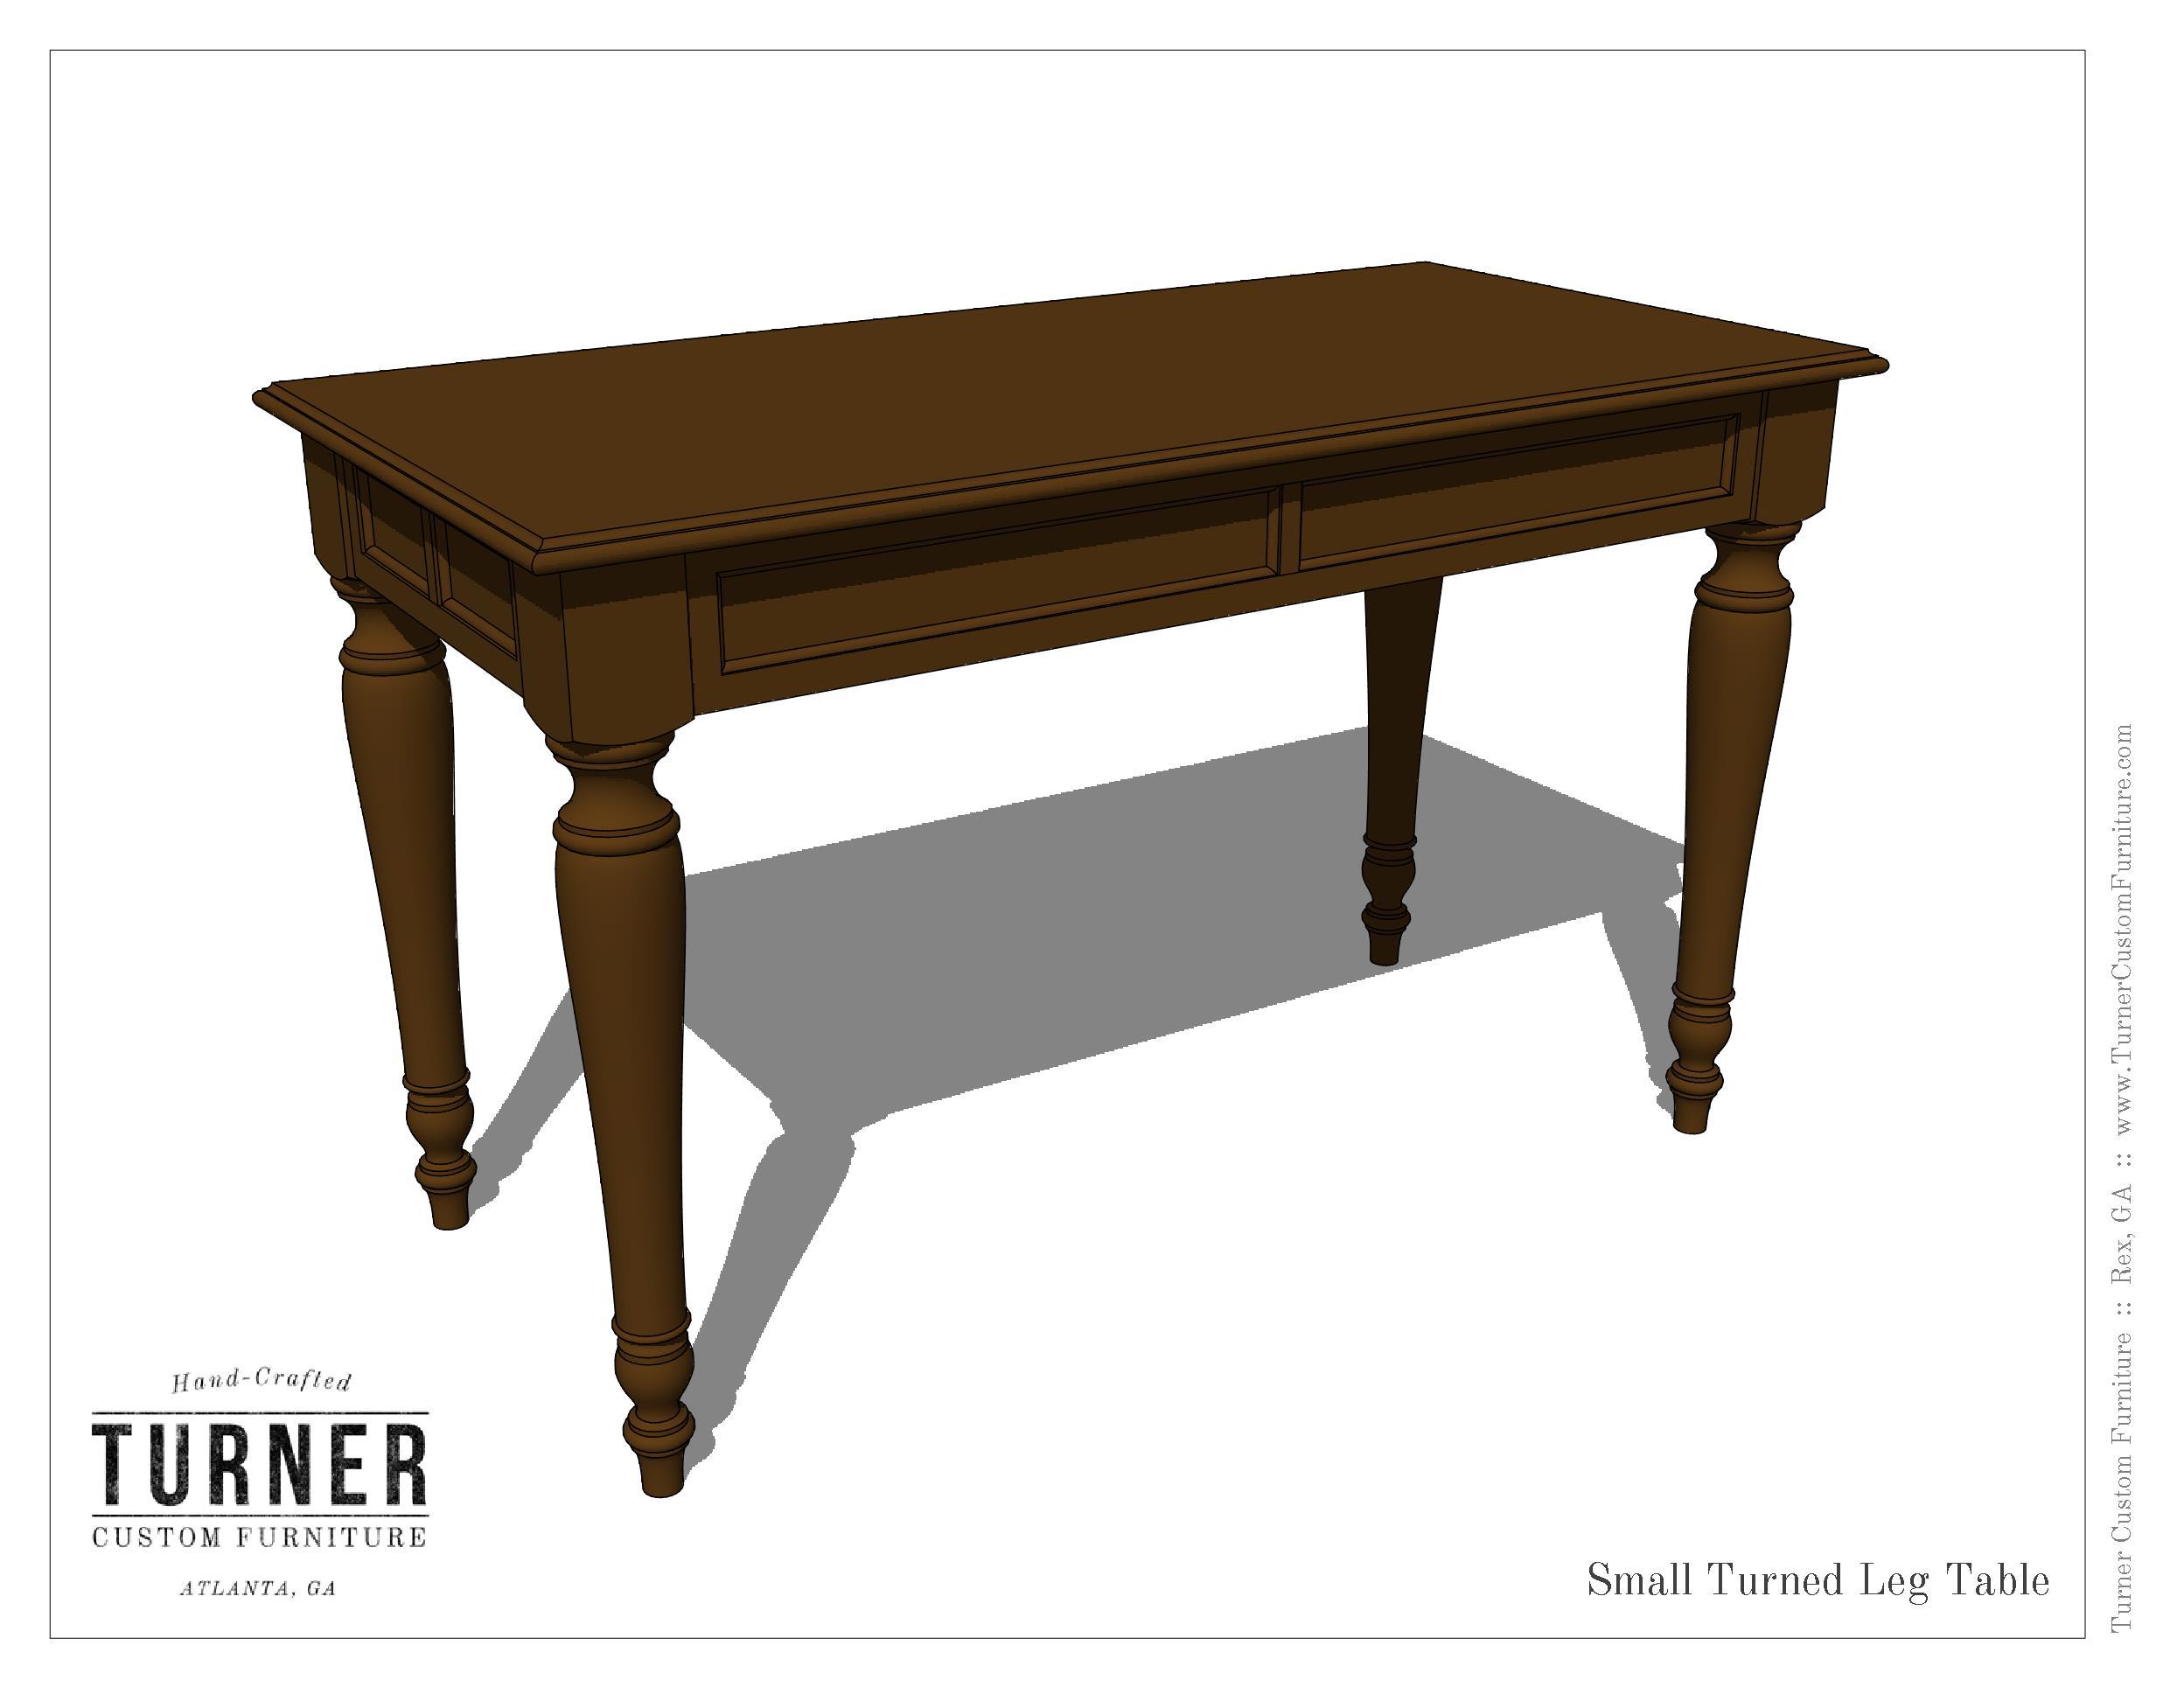 Table Builder_02.jpg